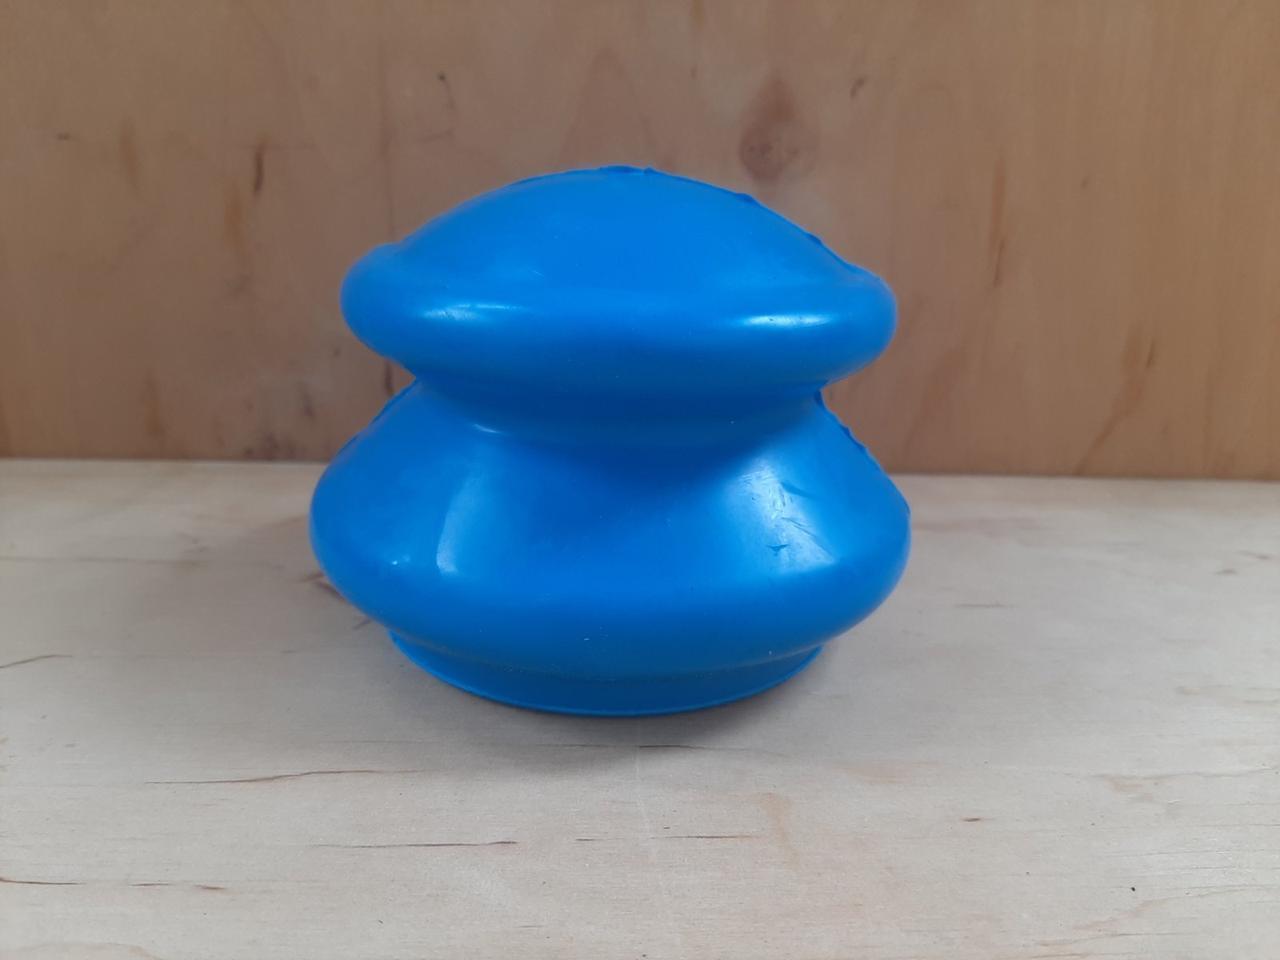 Банка резиновая для вакуумного массажа 3,8 см